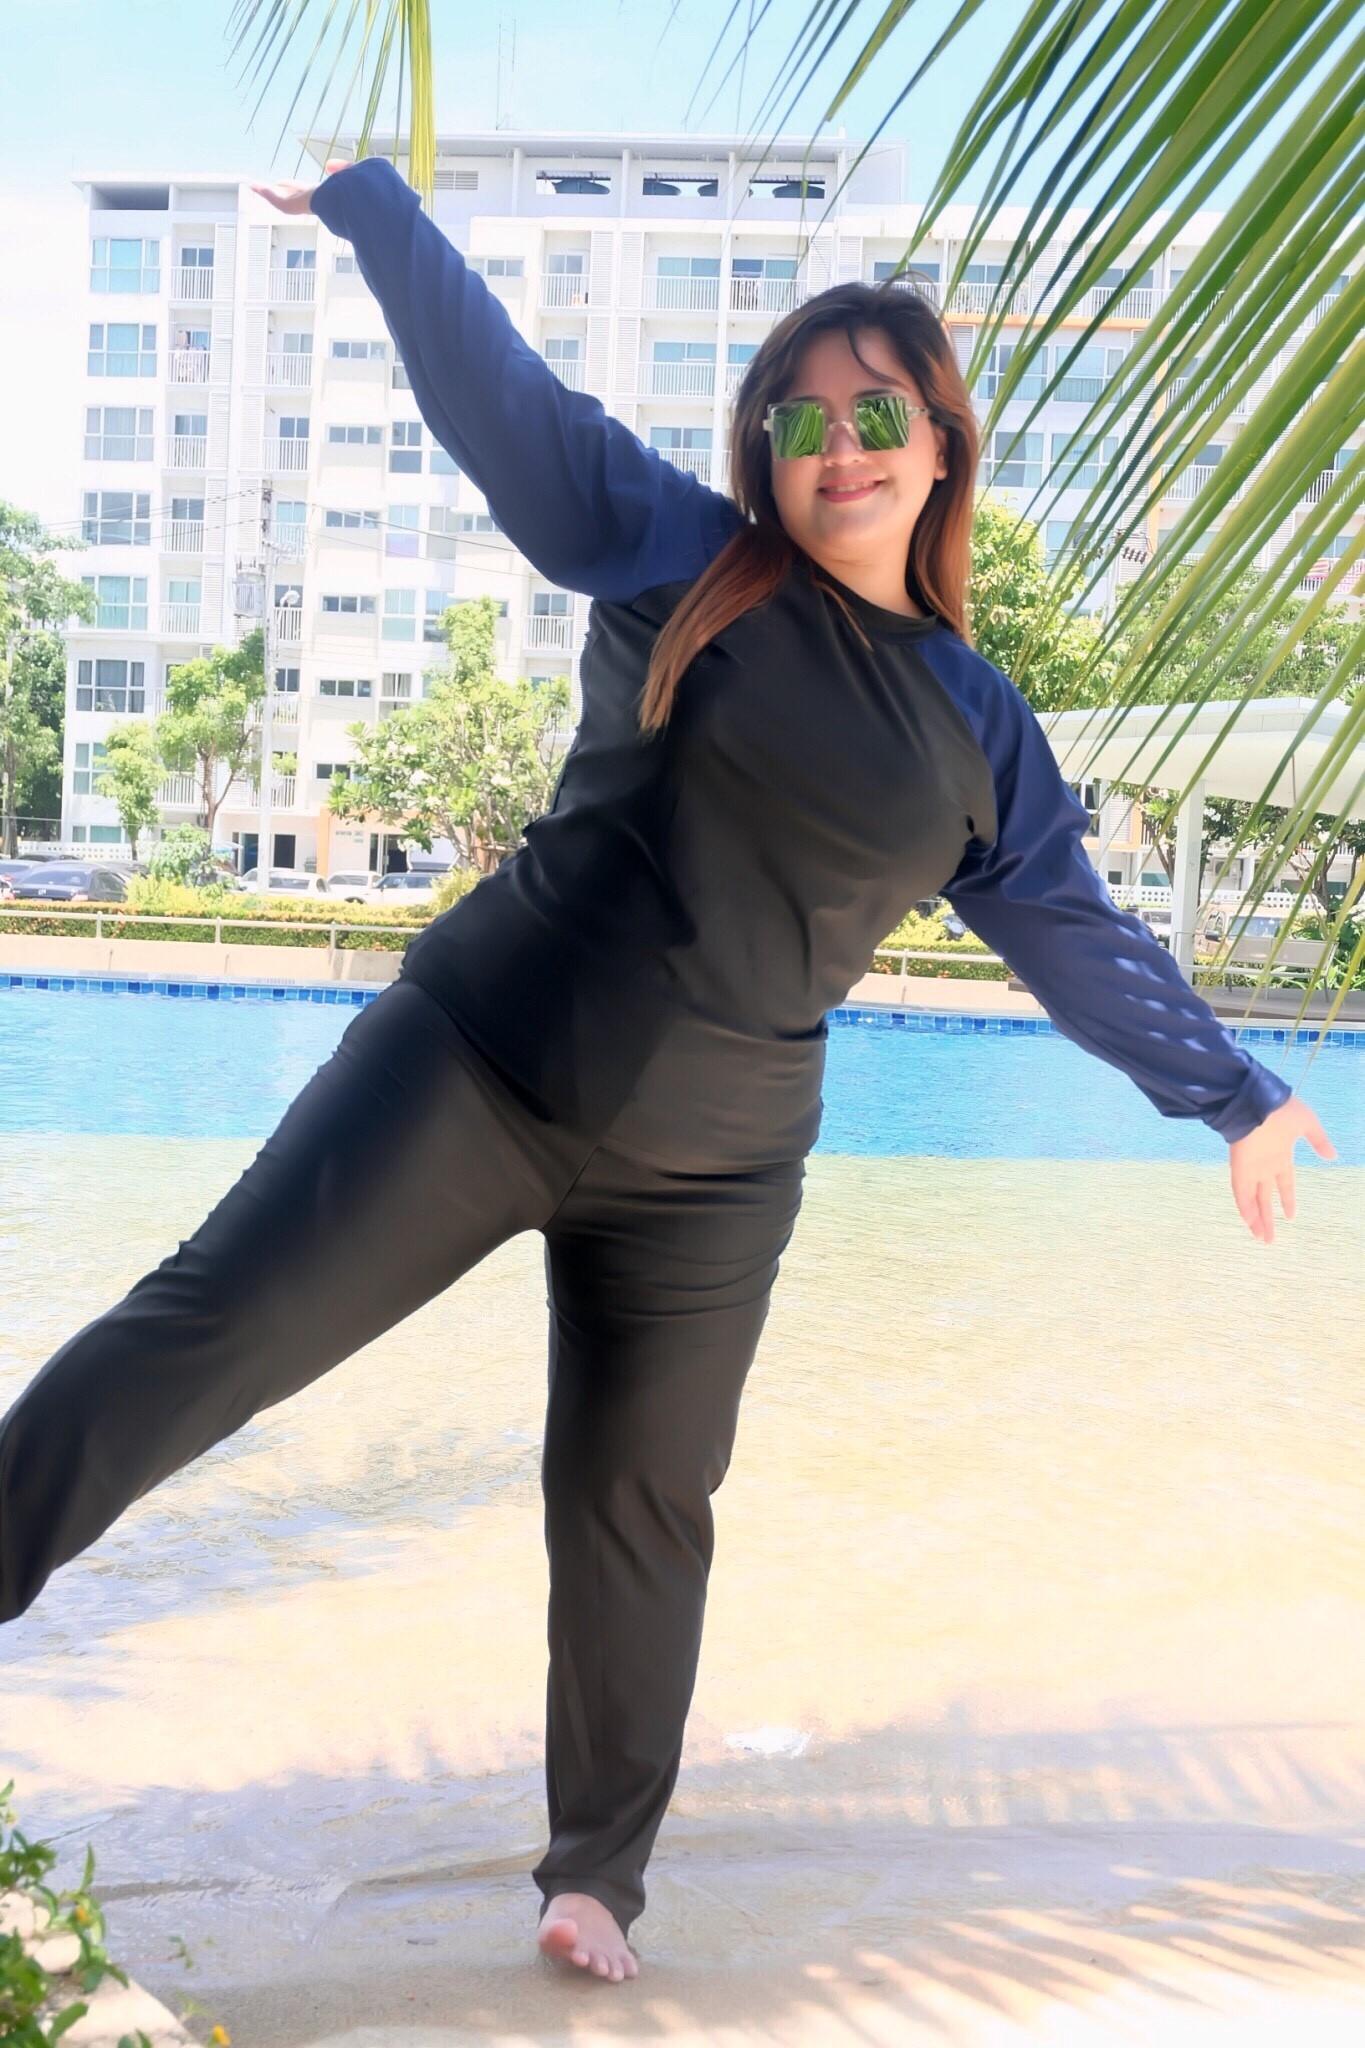 ชุดว่ายน้ำคนอ้วนสีกรม 7xl และ 8xl กัน uv แขนยาว+ขายาว คลิ๊กดูขนาดและ เลือขนาด ใส่ในช่องหมายเหตุเลยนะคะ